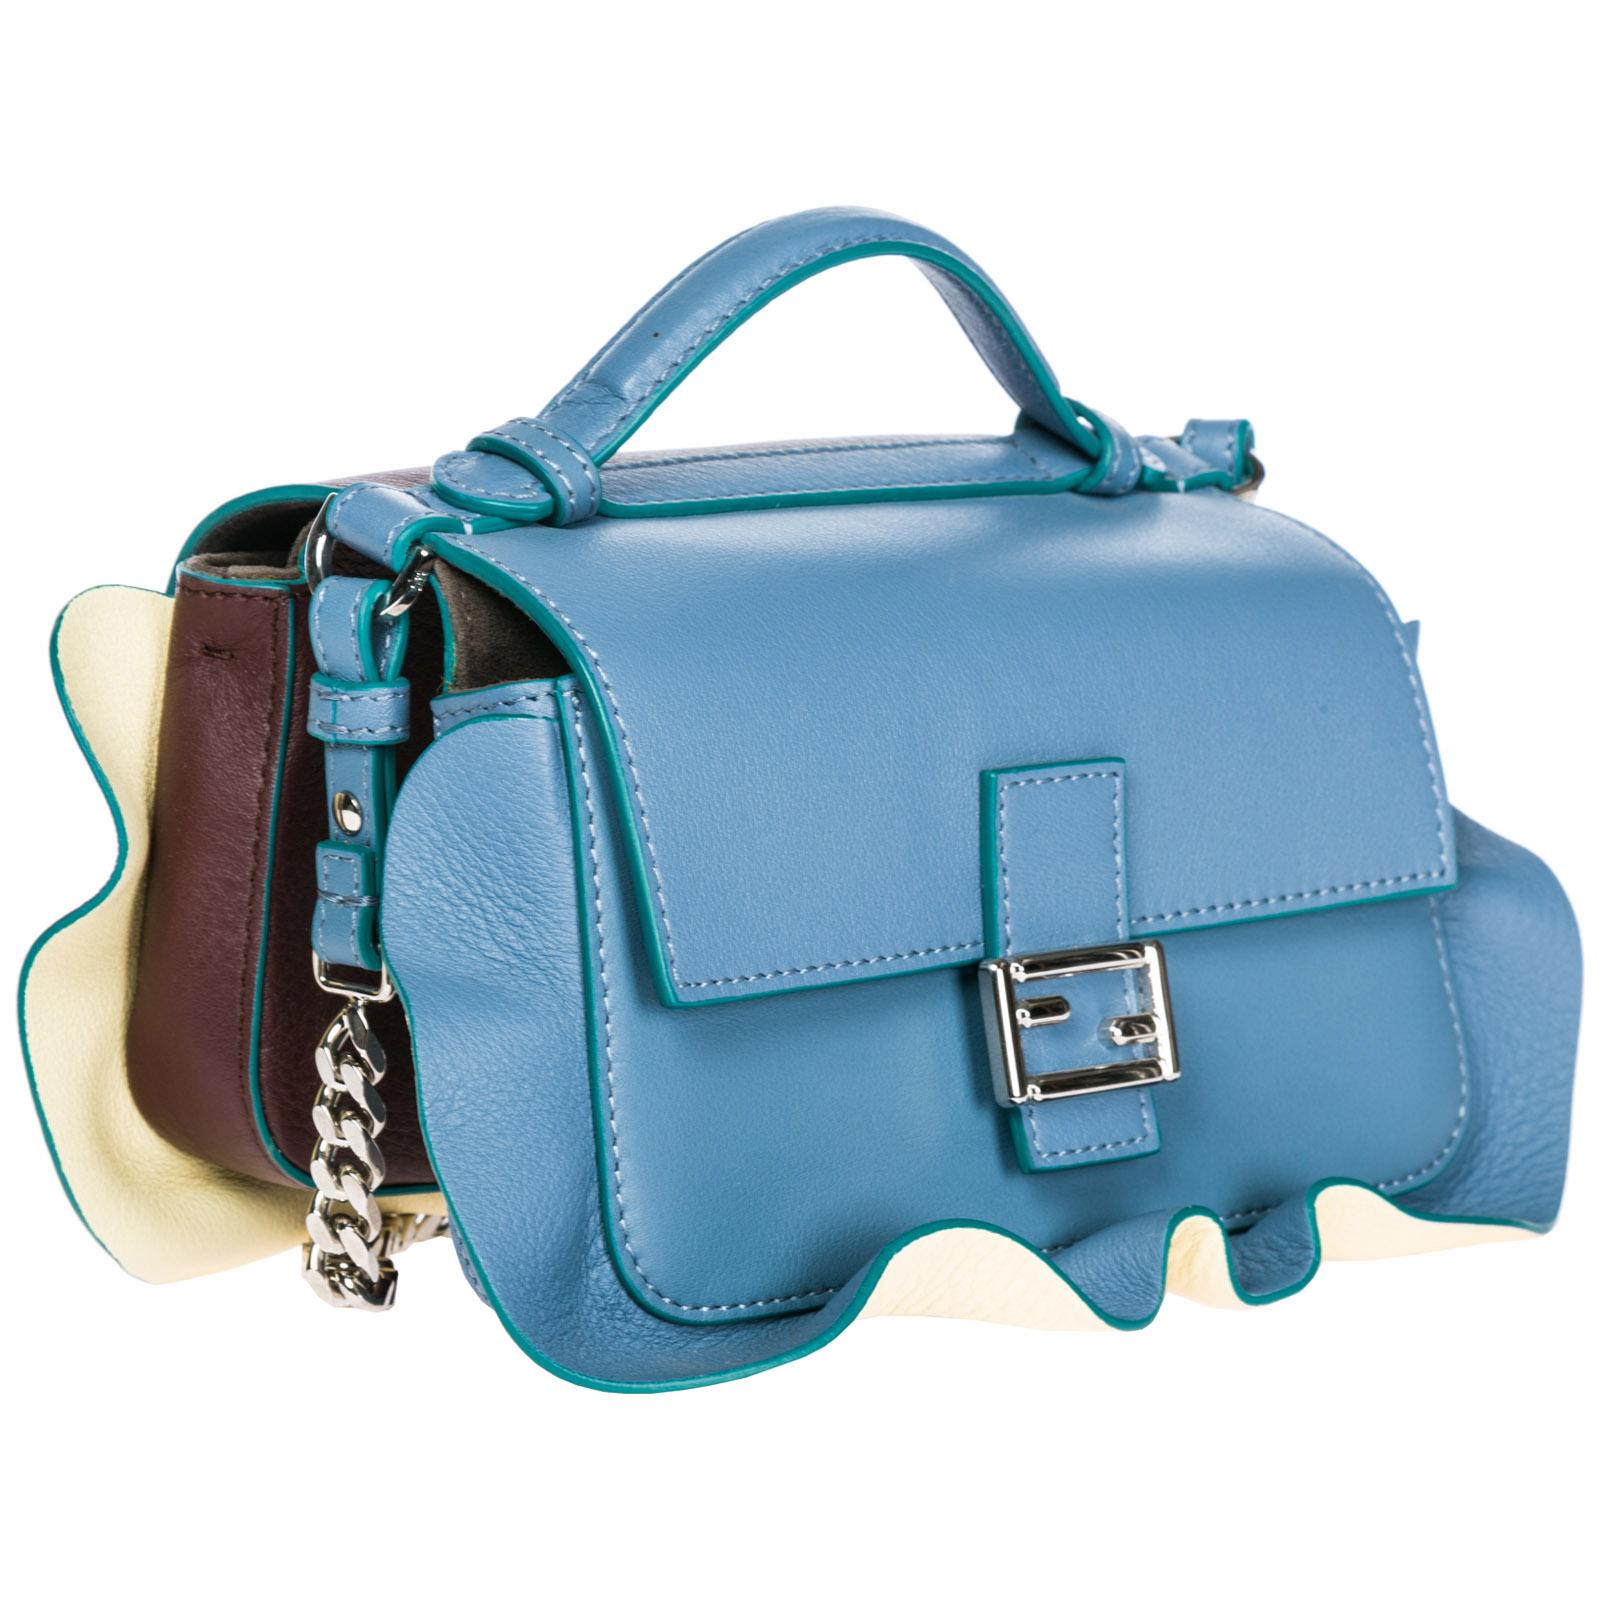 ... Women s leather shoulder bag doppia micro baguette ... 52bc60d3e3c